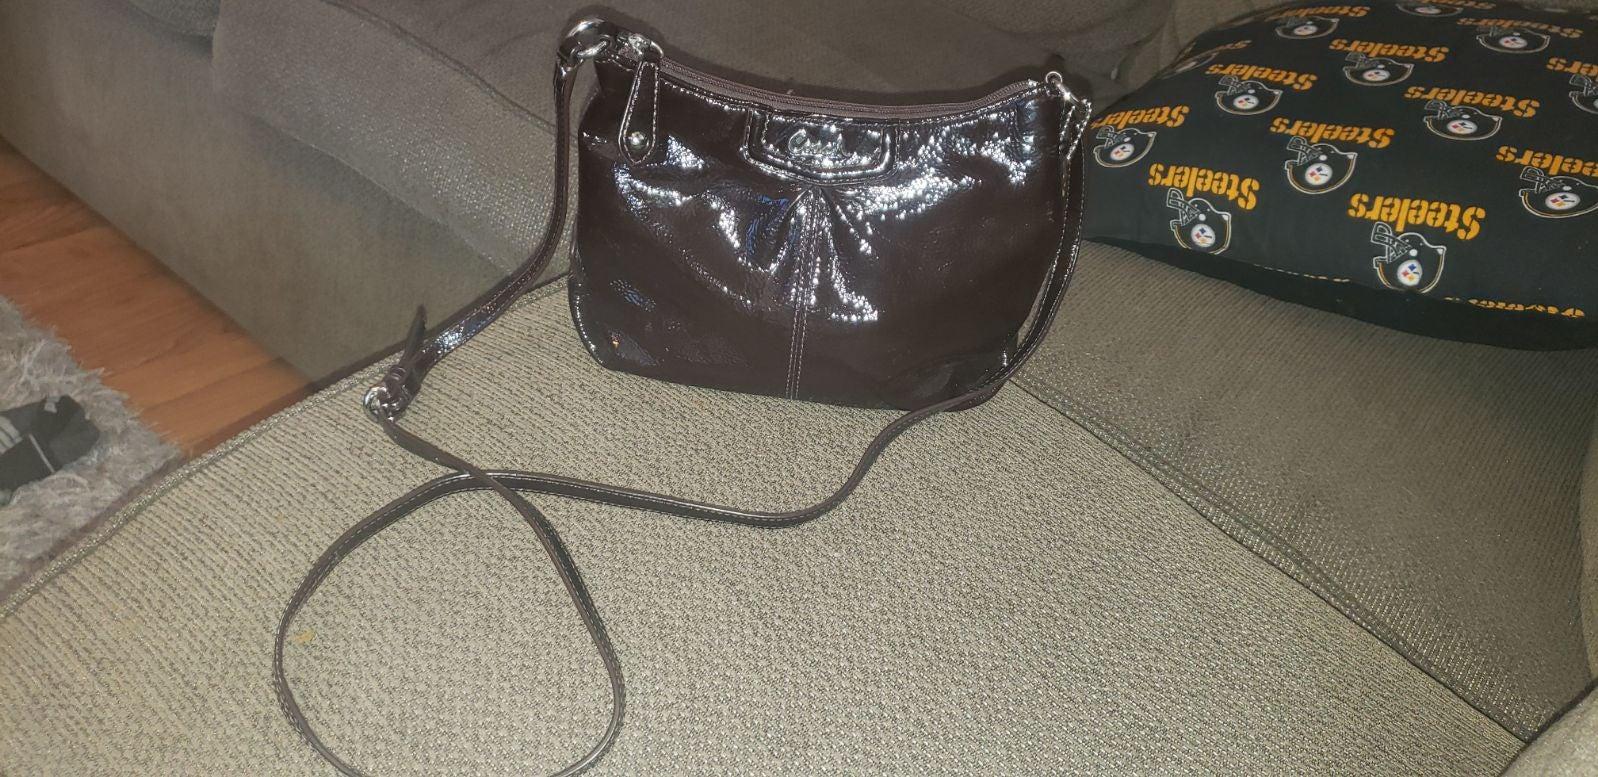 Vintage coach purse